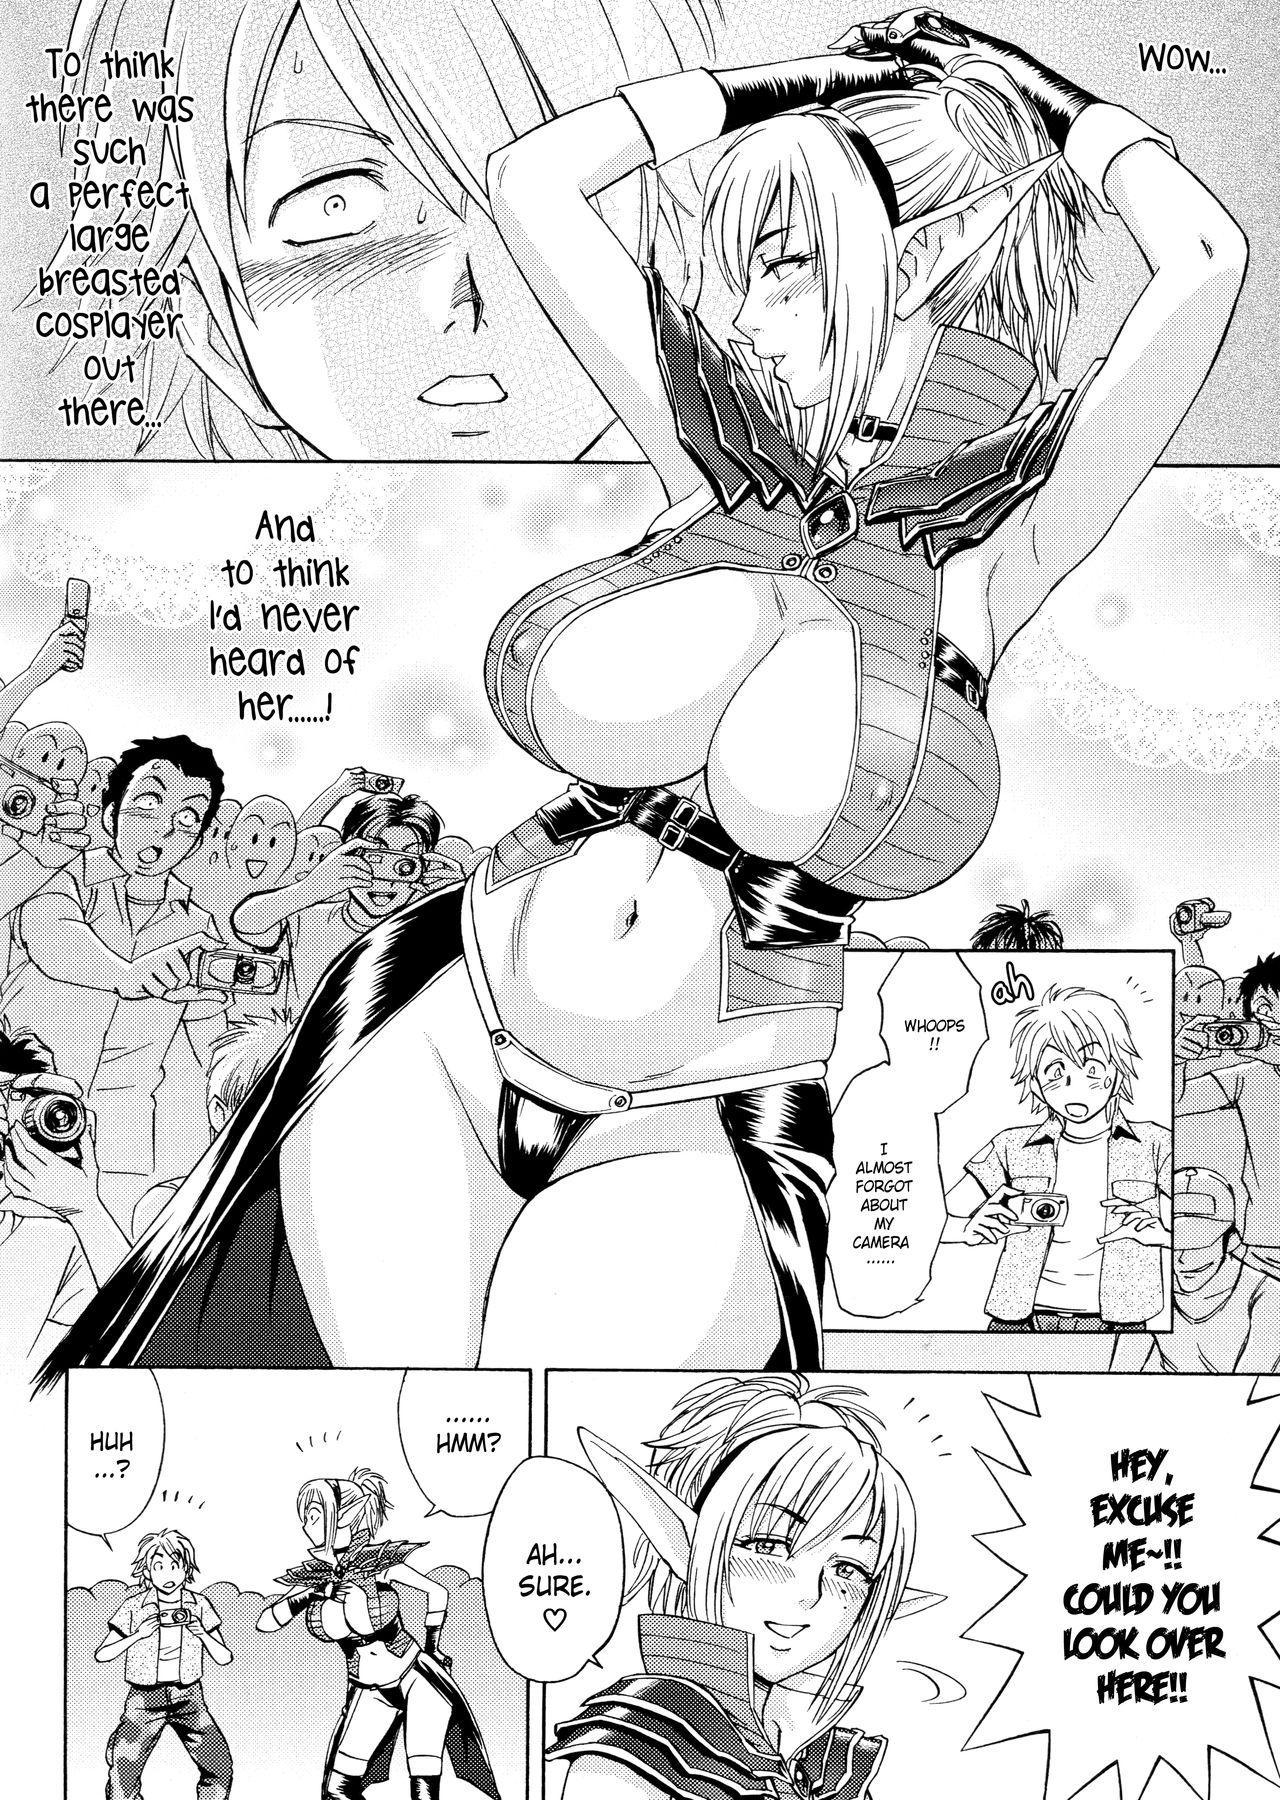 [Tatsunami Youtoku, Yamazaki Masato] Bijin Henshuu-chou no Himitsu | Beautiful Editor-in-Chief's Secret Ch. 1-4 [English] [Forbiddenfetish77, Red Vodka] [Decensored] 9